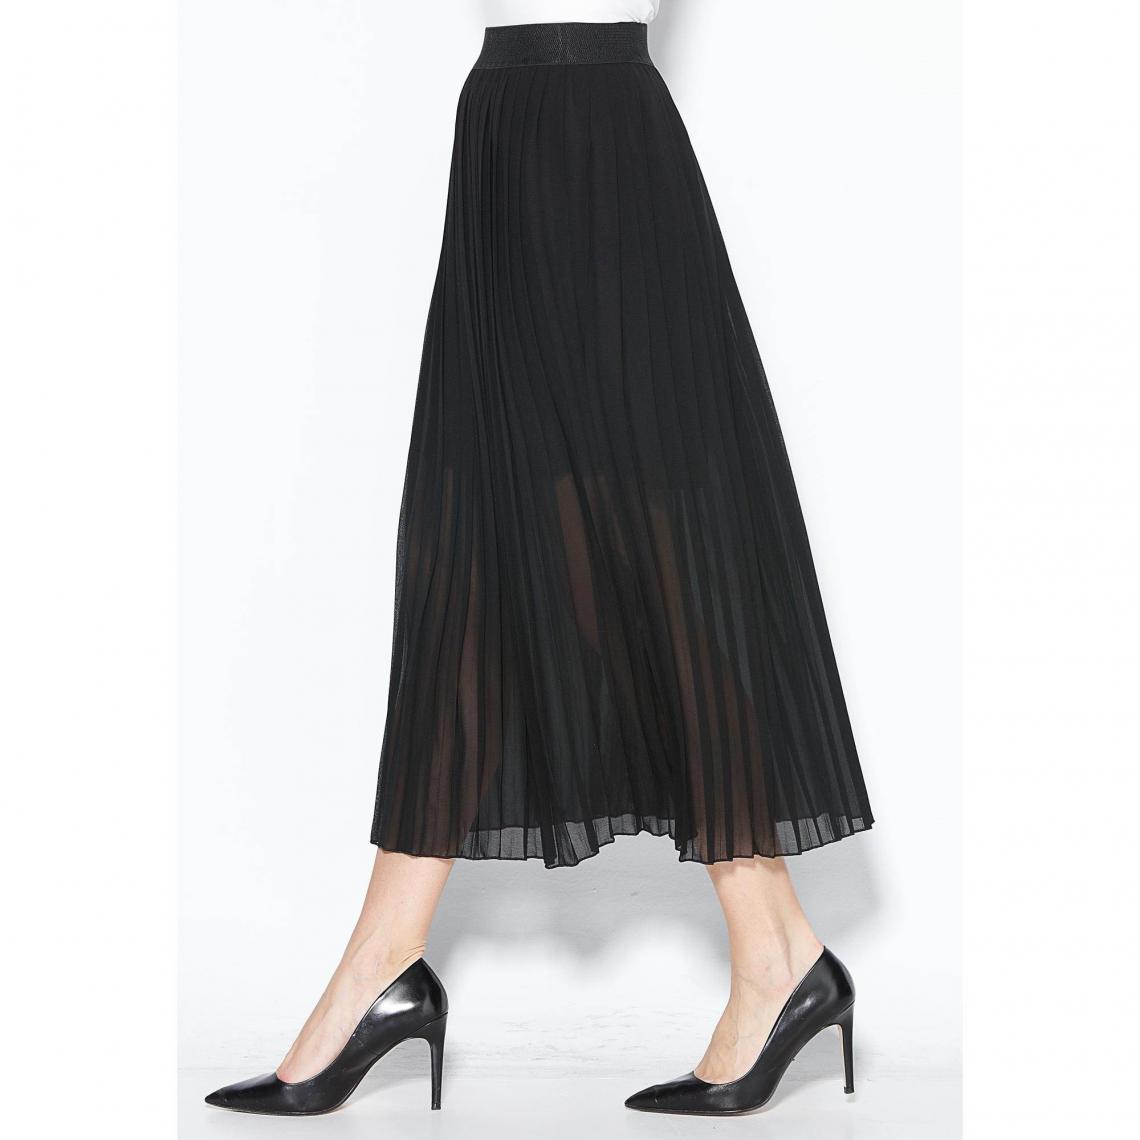 68dcf137534442 Jupe longue plissée taille élastique femme - Noir | 3 SUISSES